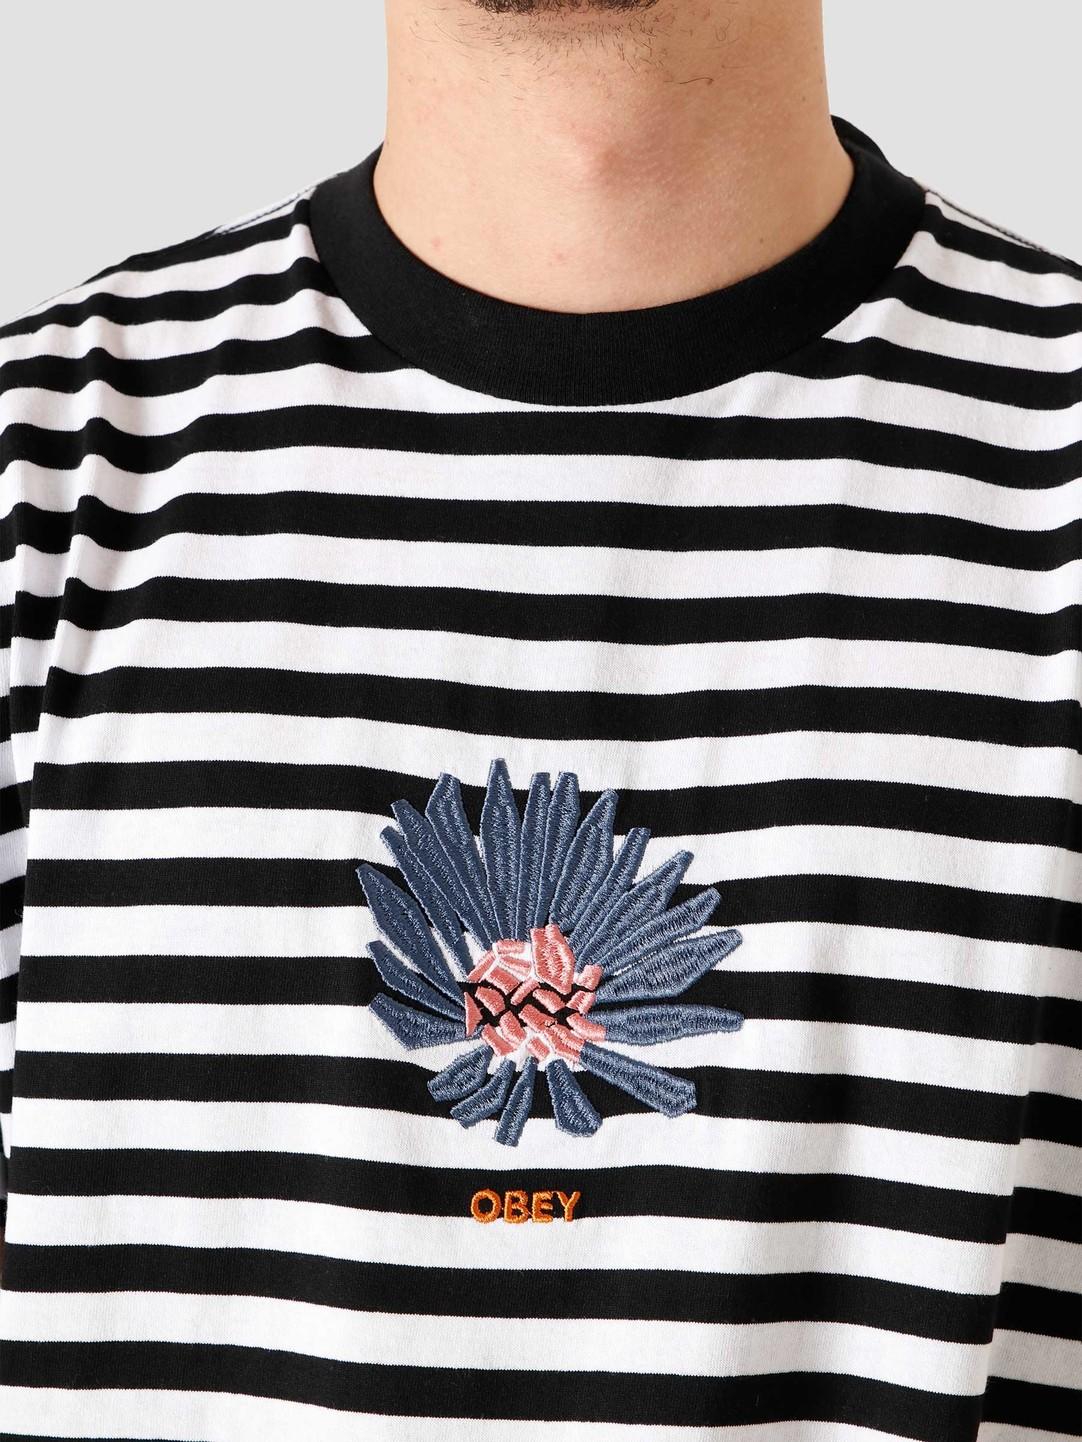 Obey Obey Obey Bloom Tee 131080284 Bkm